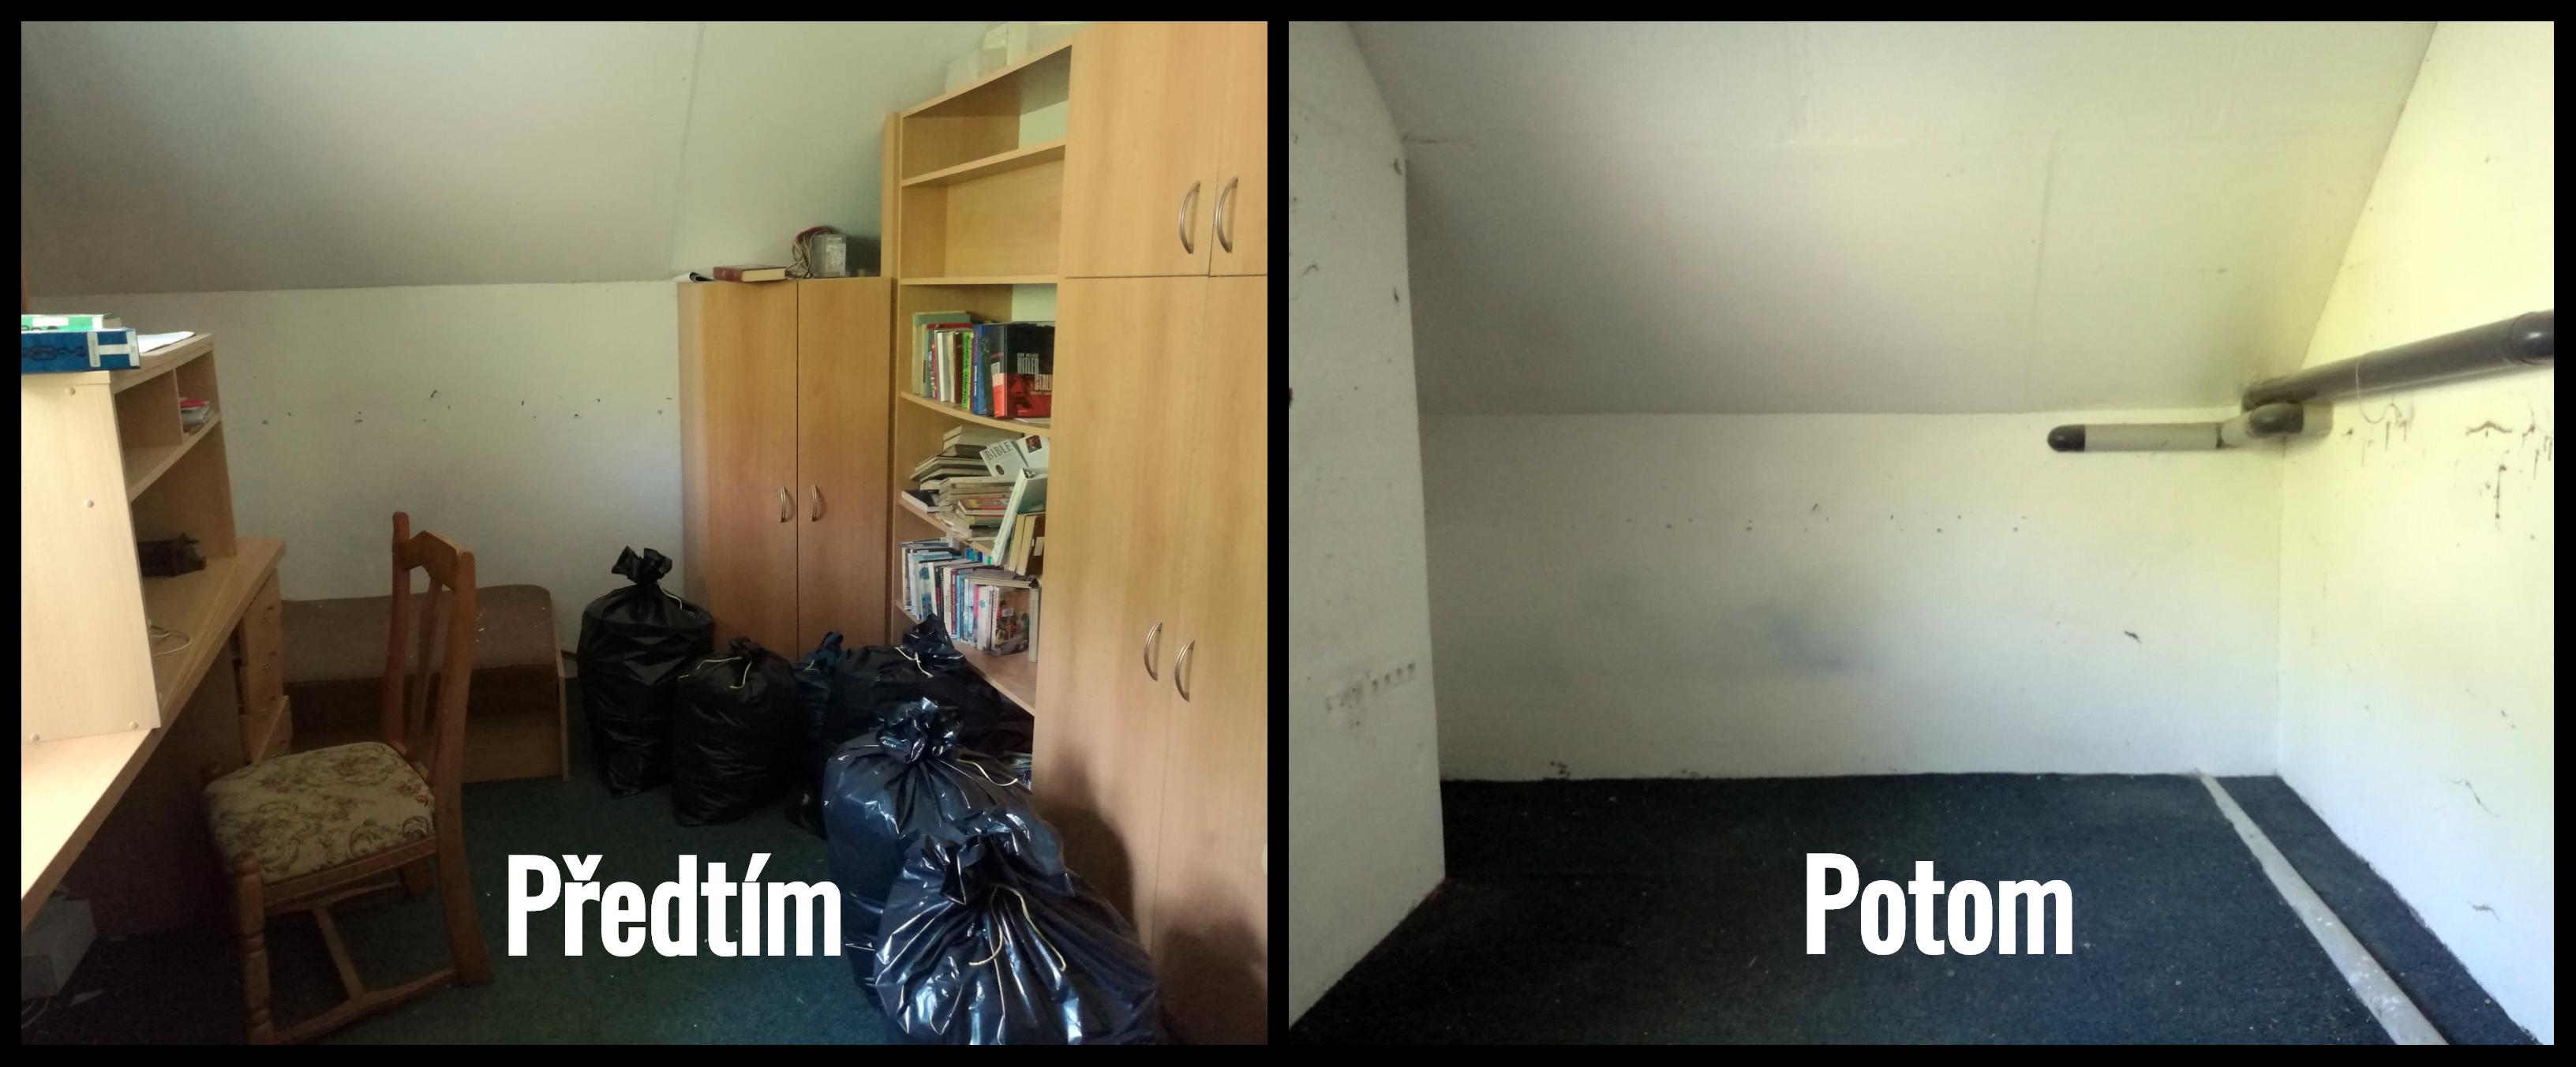 Vyklízení objektů - předtím a potom